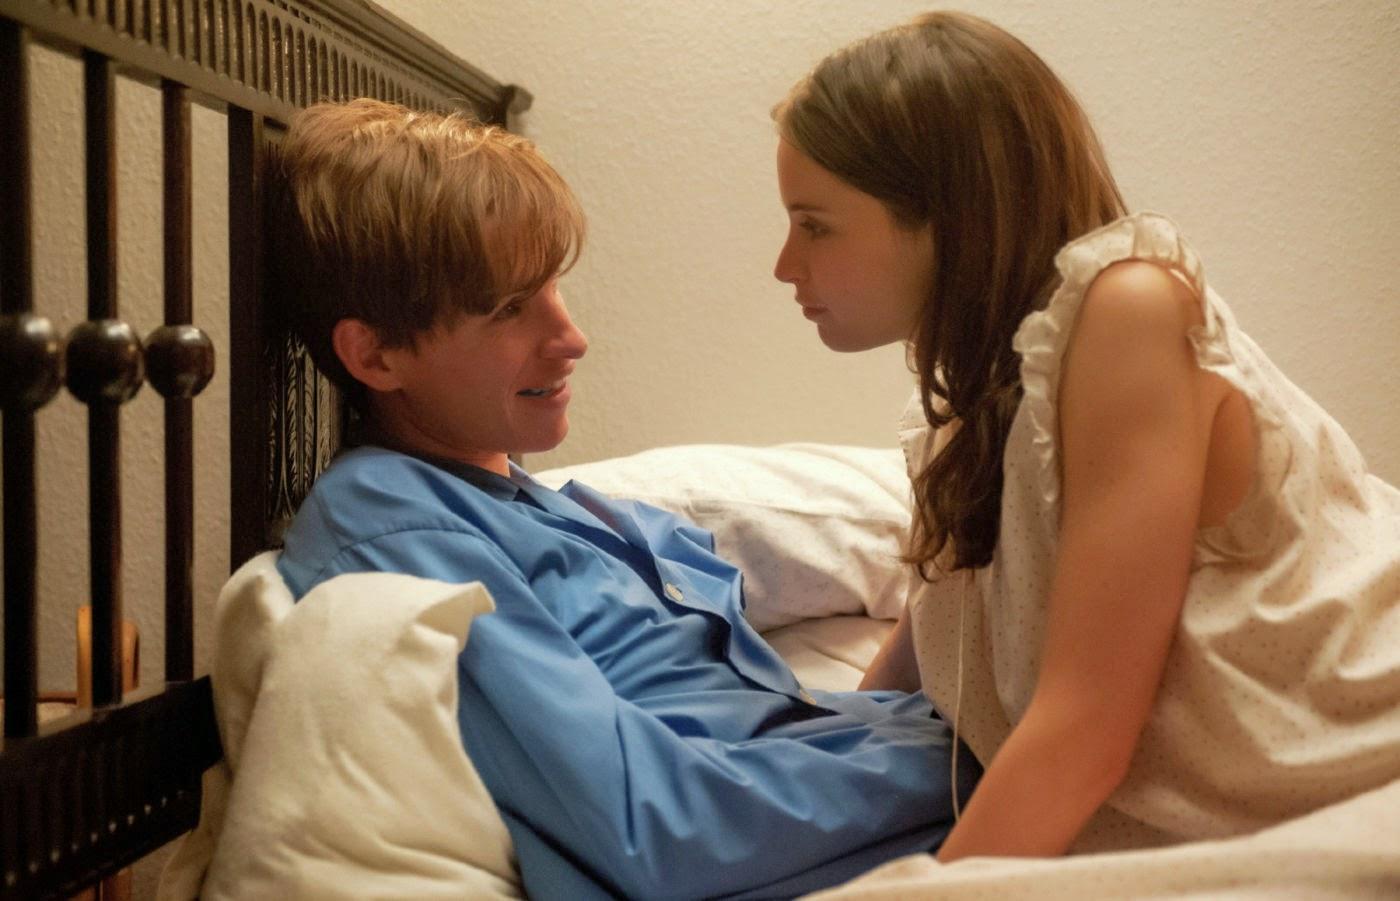 愛的萬物論:為什麼我們會相愛、背叛和分開?